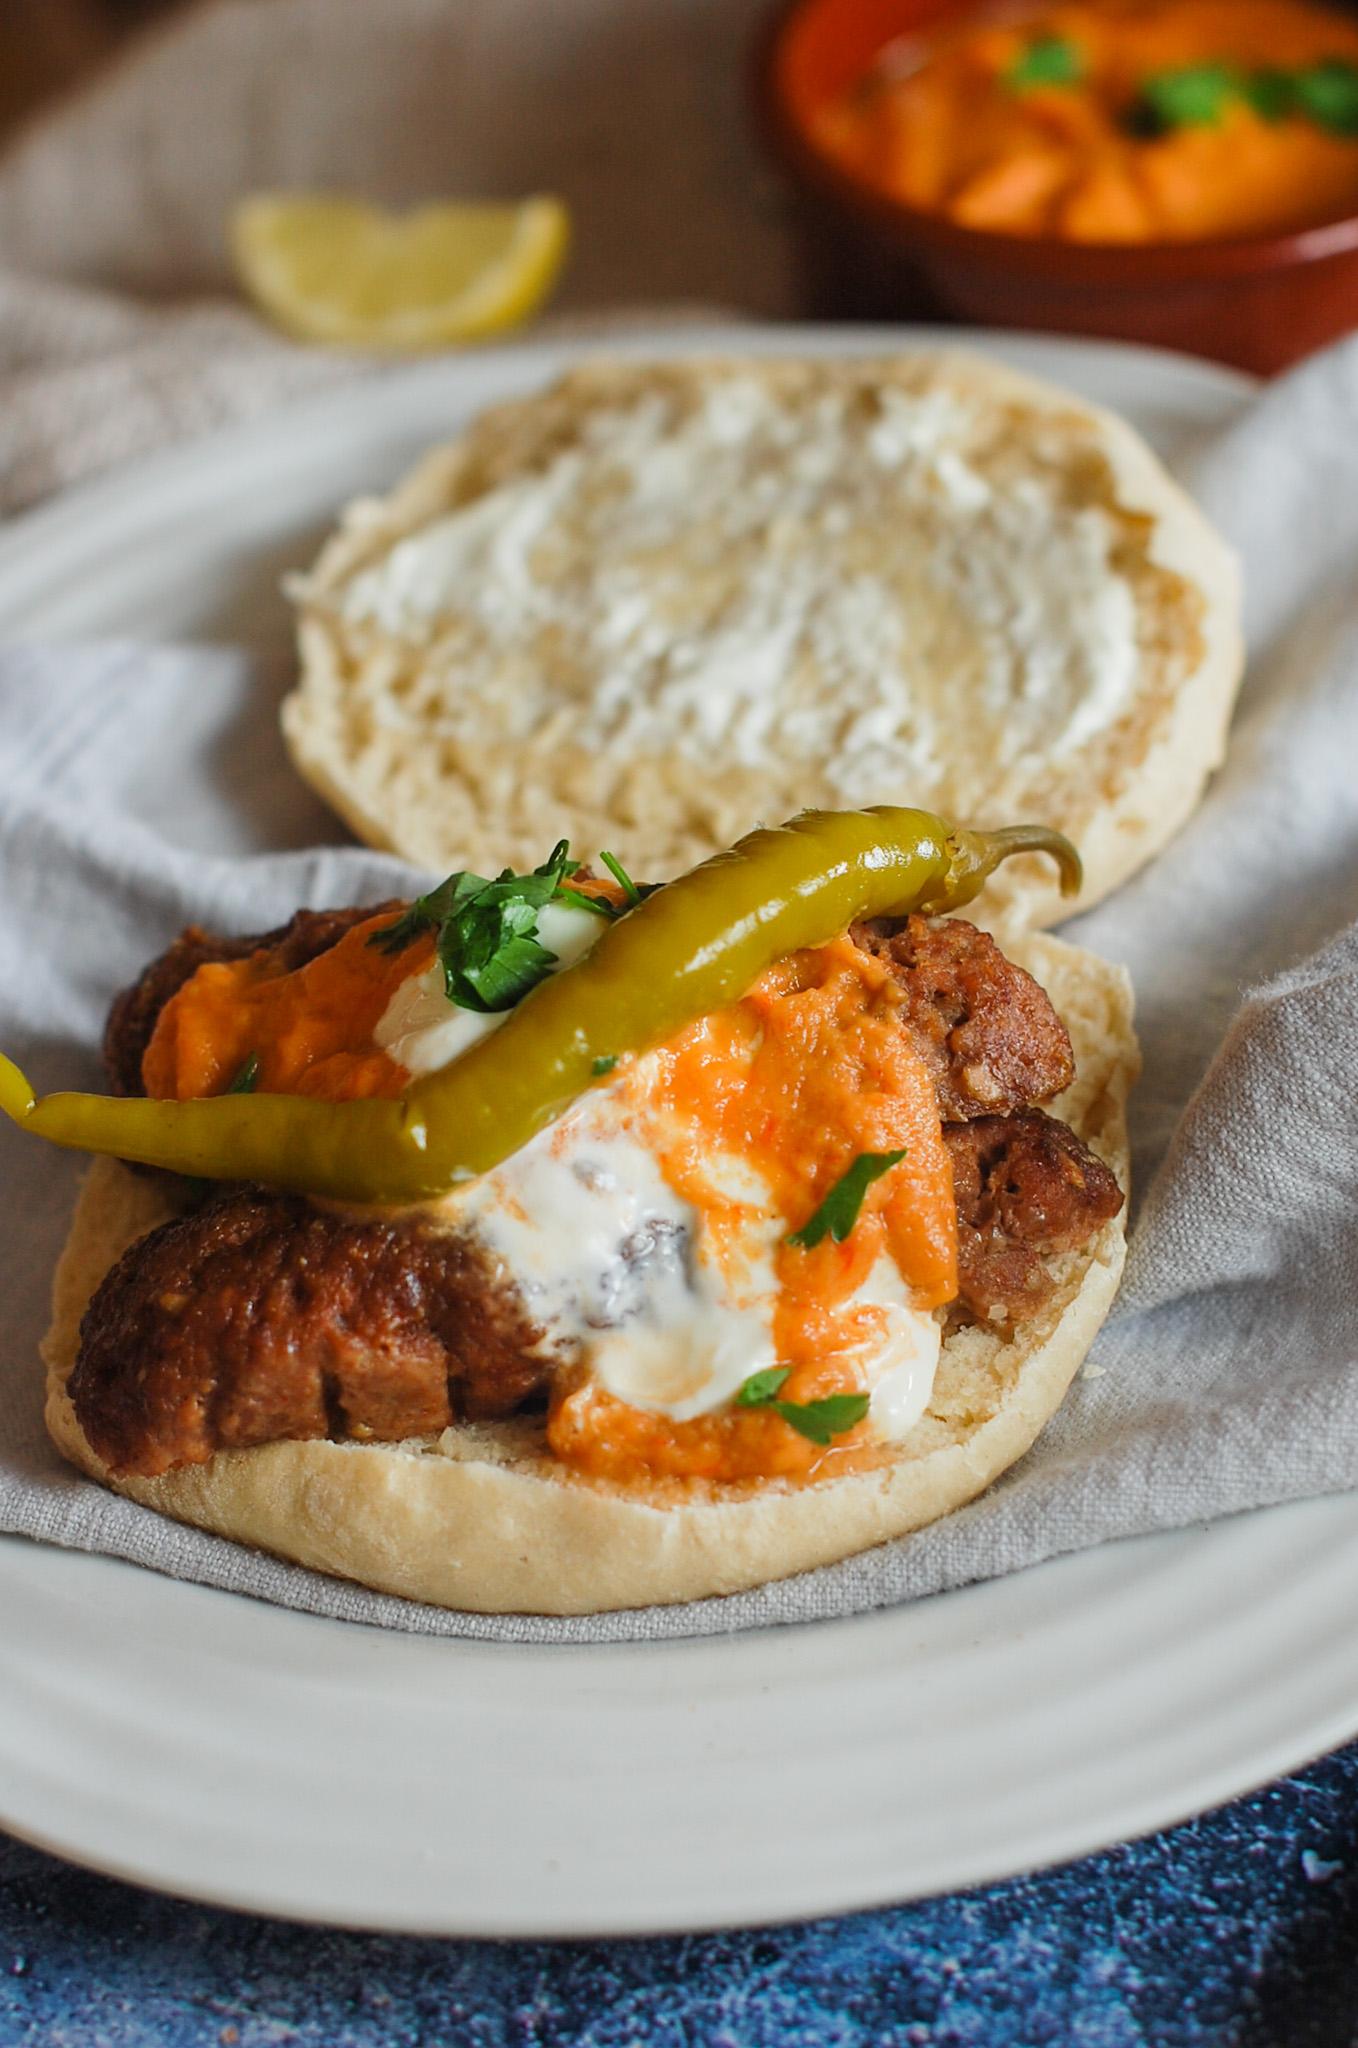 cevapi in lepinja bread with ajvar sauce topping